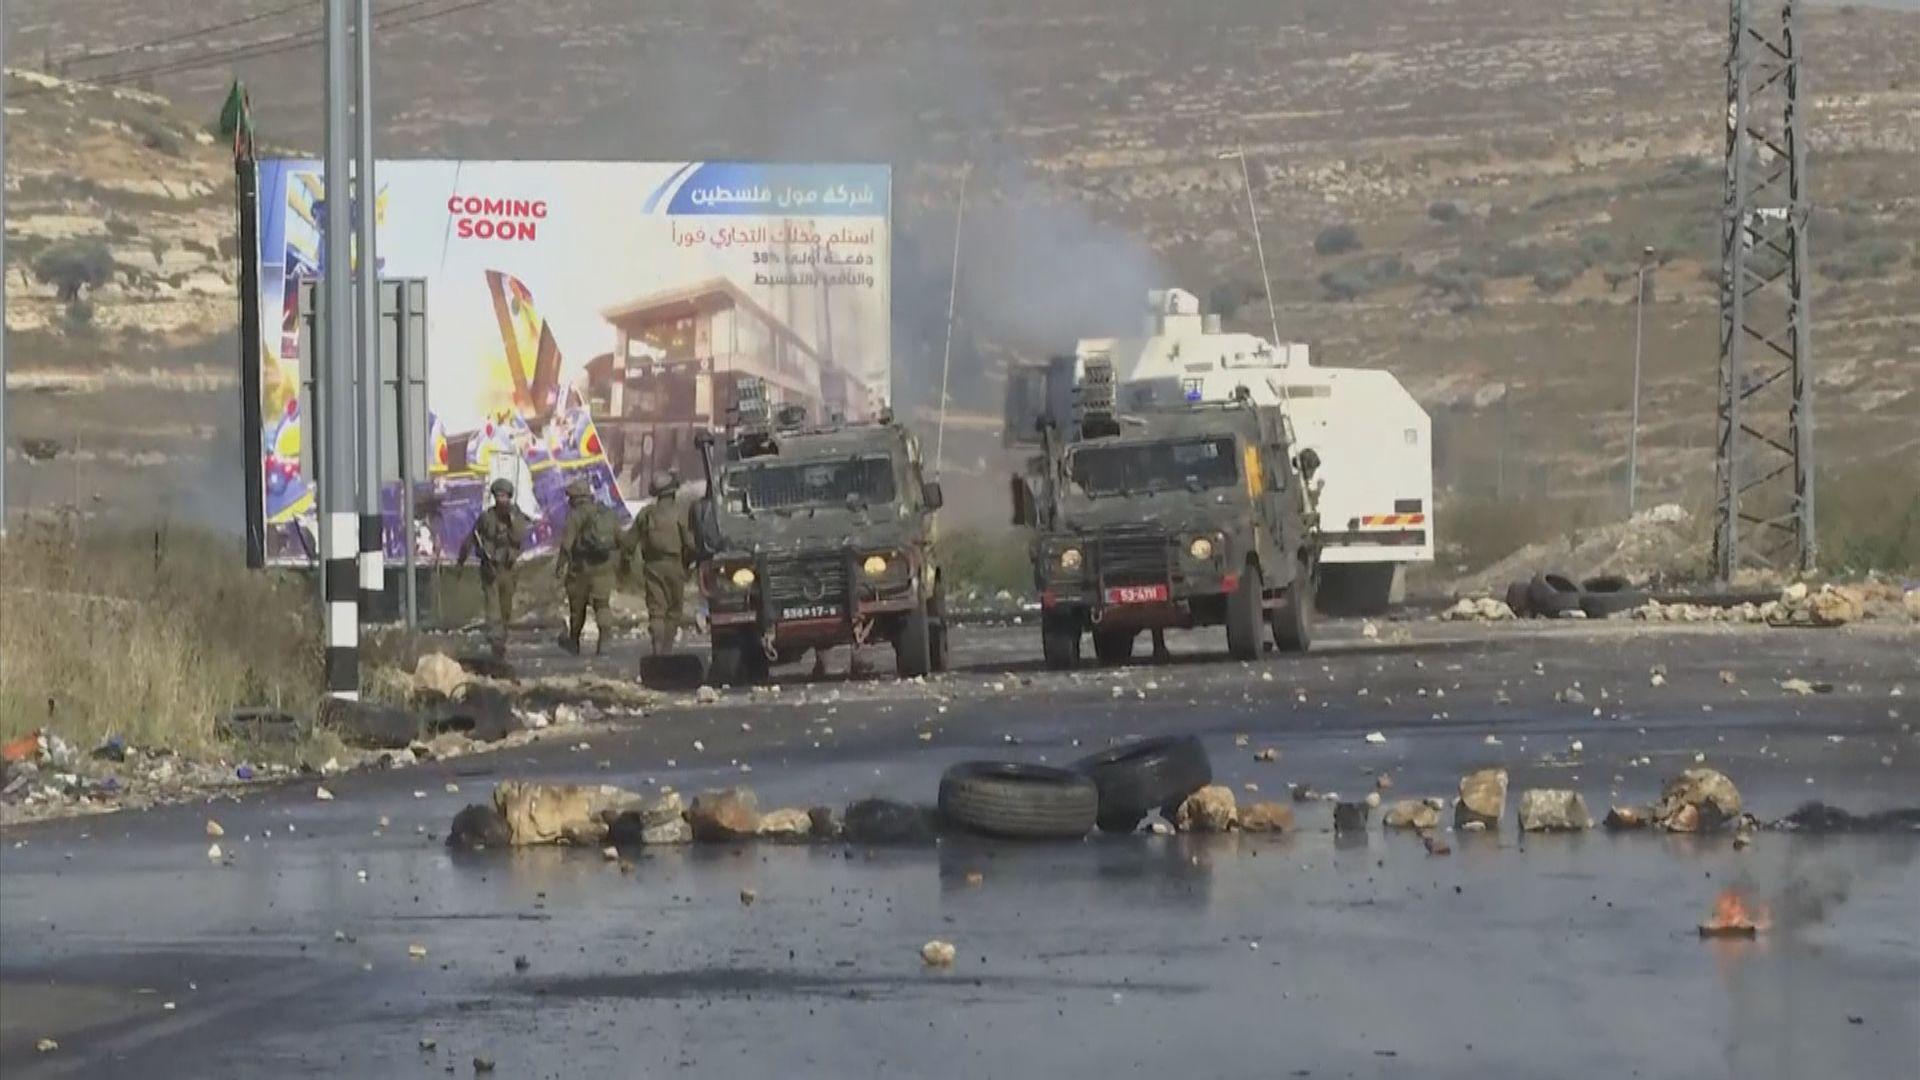 以巴衝突蔓延至西岸 埃及主導斡旋以巴停火無明顯進展